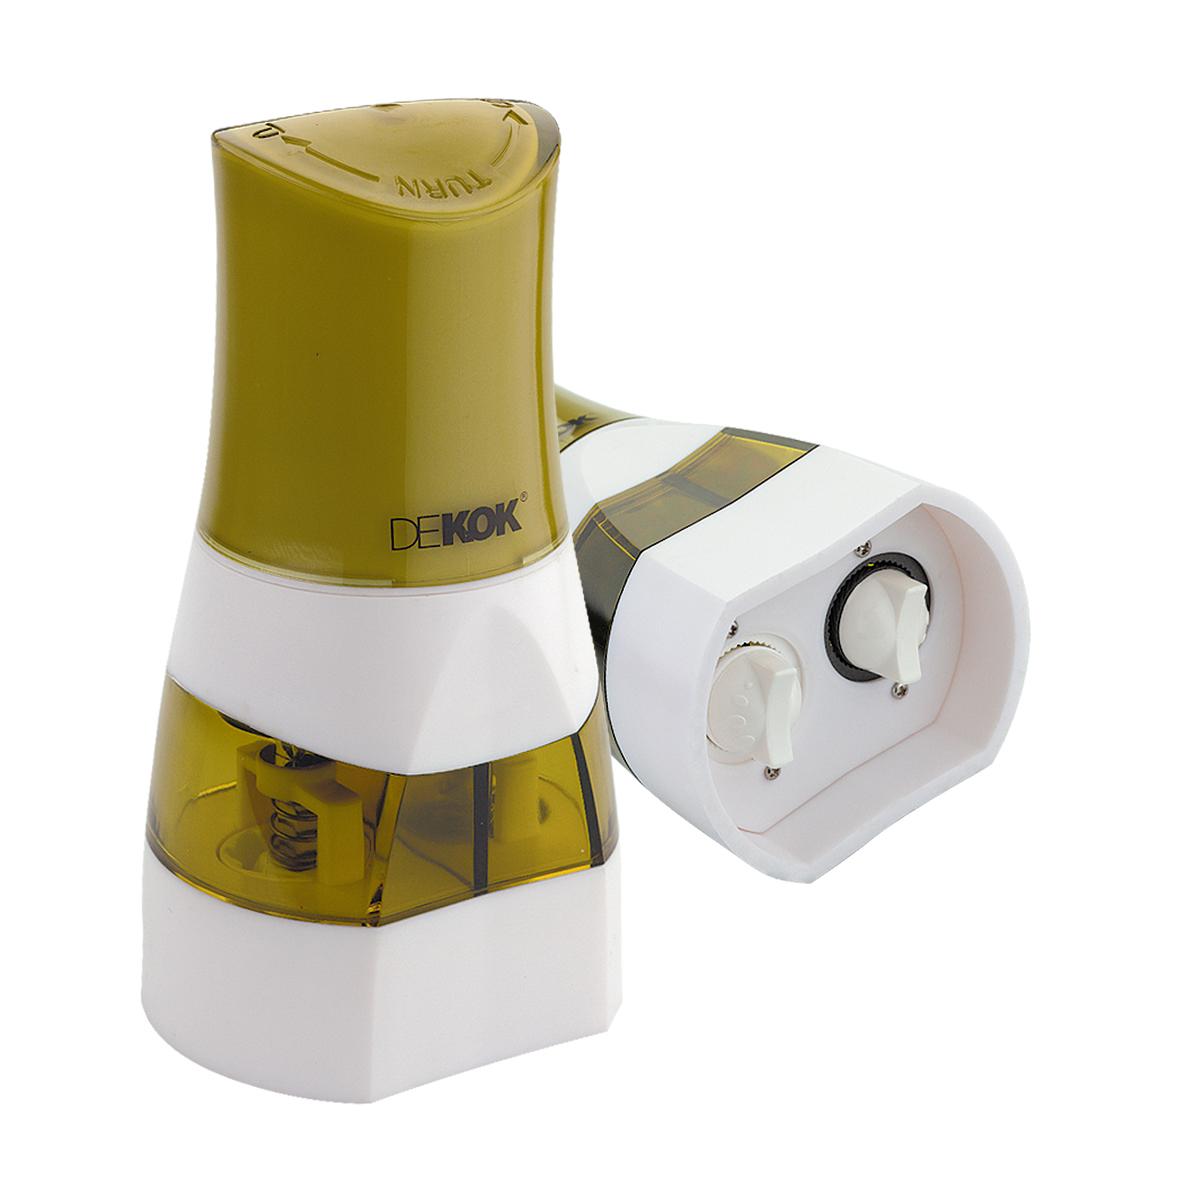 Прибор для измельчения специй Dekok, цвет: фисташковый, белый115510Прибор для измельчения специй Dekok изготовлен из ударопрочного акрила и нержавеющей стали. Помолочный механизм выполнен из керамики. Инновационный дизайн позволяет легко наполнять измельчитель и попеременно перемалывать 2 специи. Механизм оснащен регулятором размера помола. Прибор легко открывается, достаточно лишь потянуть вверх ручки помола. Идеально подходит для хранения специй и приправ.